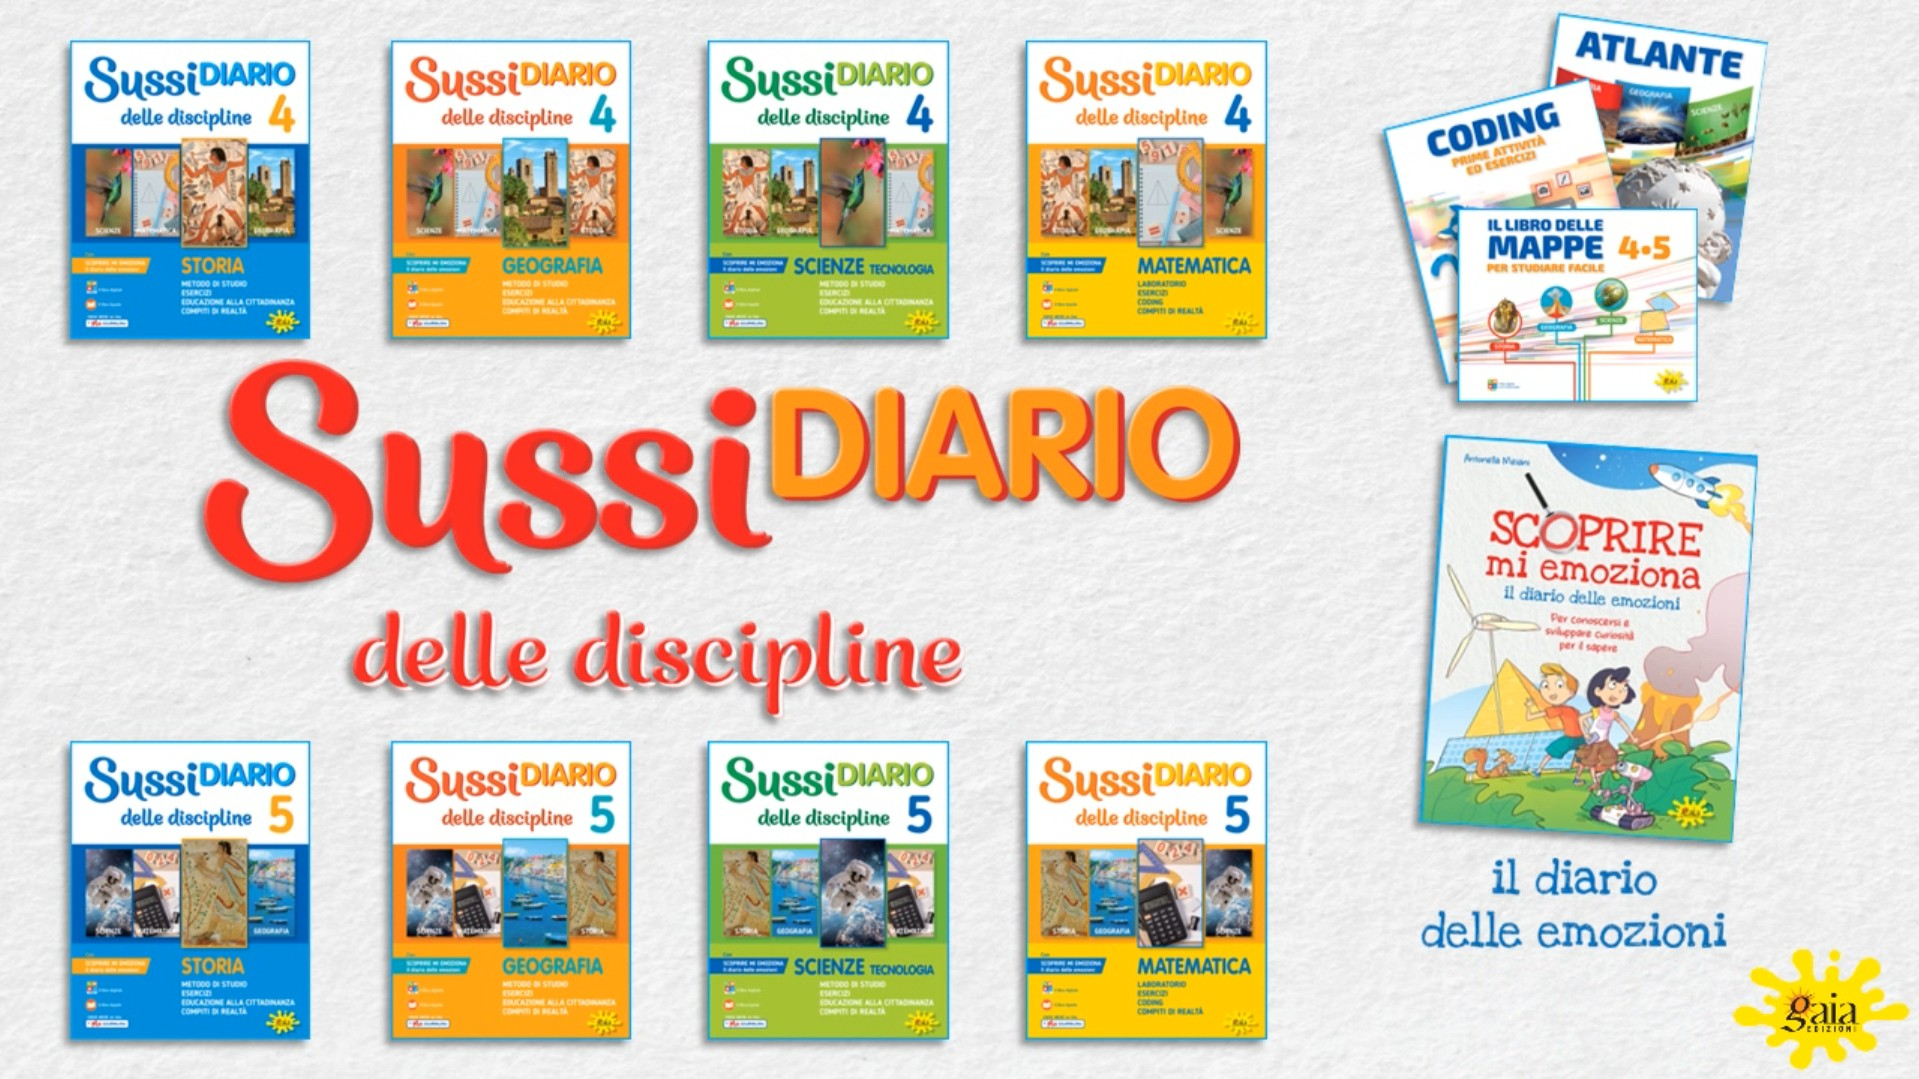 SUSSIDIARIO DELLE DISCIPLINE DA SCARICARE